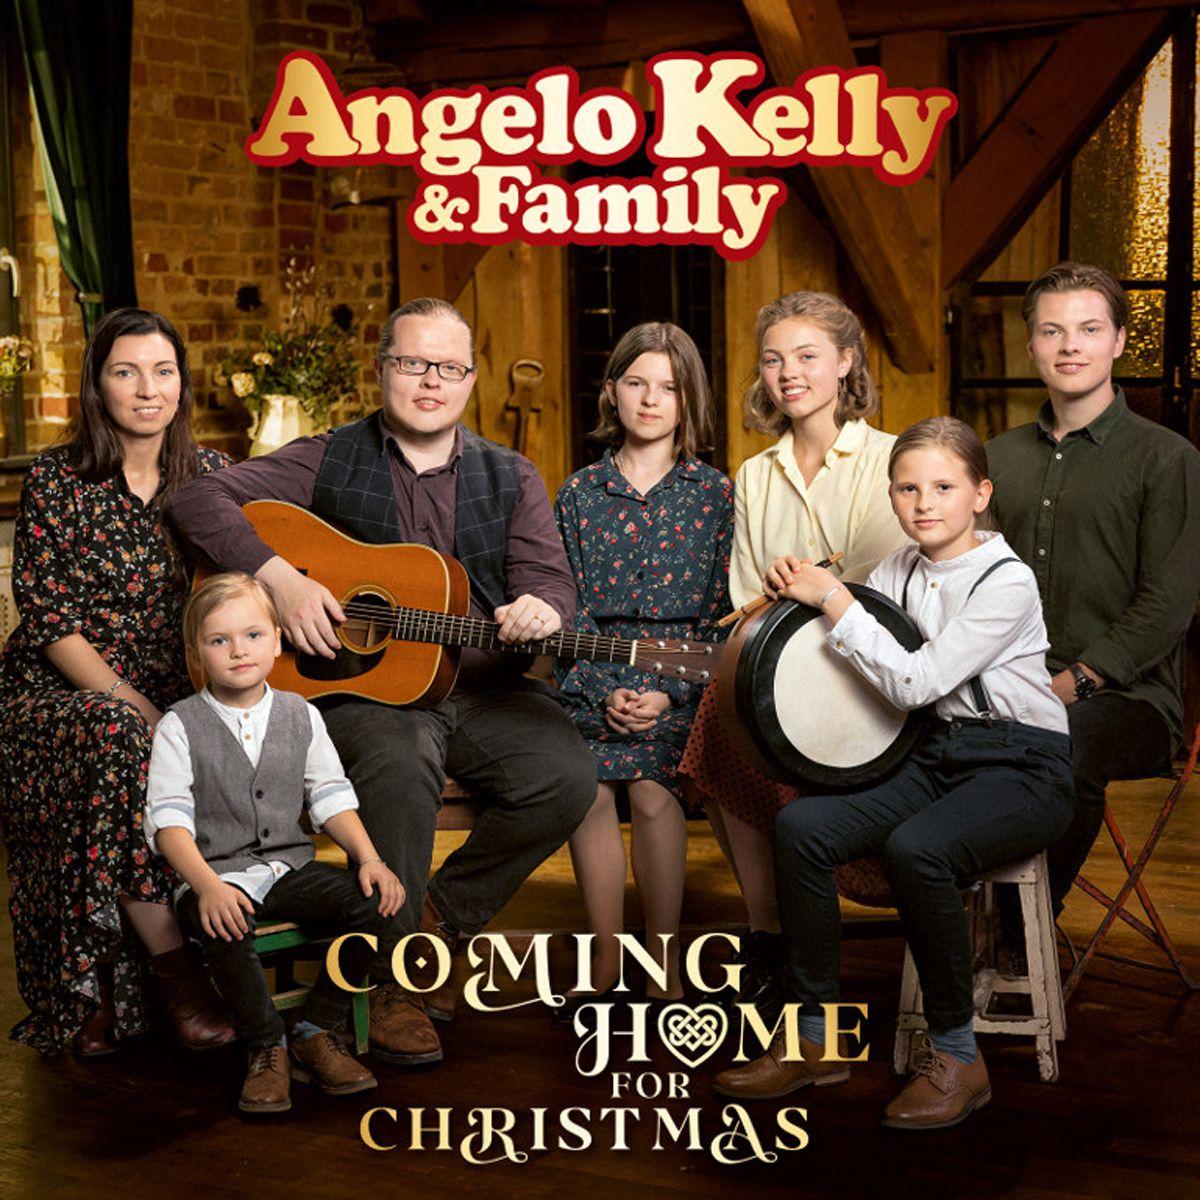 Angelo Kelly und seine süße Familie: Hier kommt das Weihnachts-Video 2020!